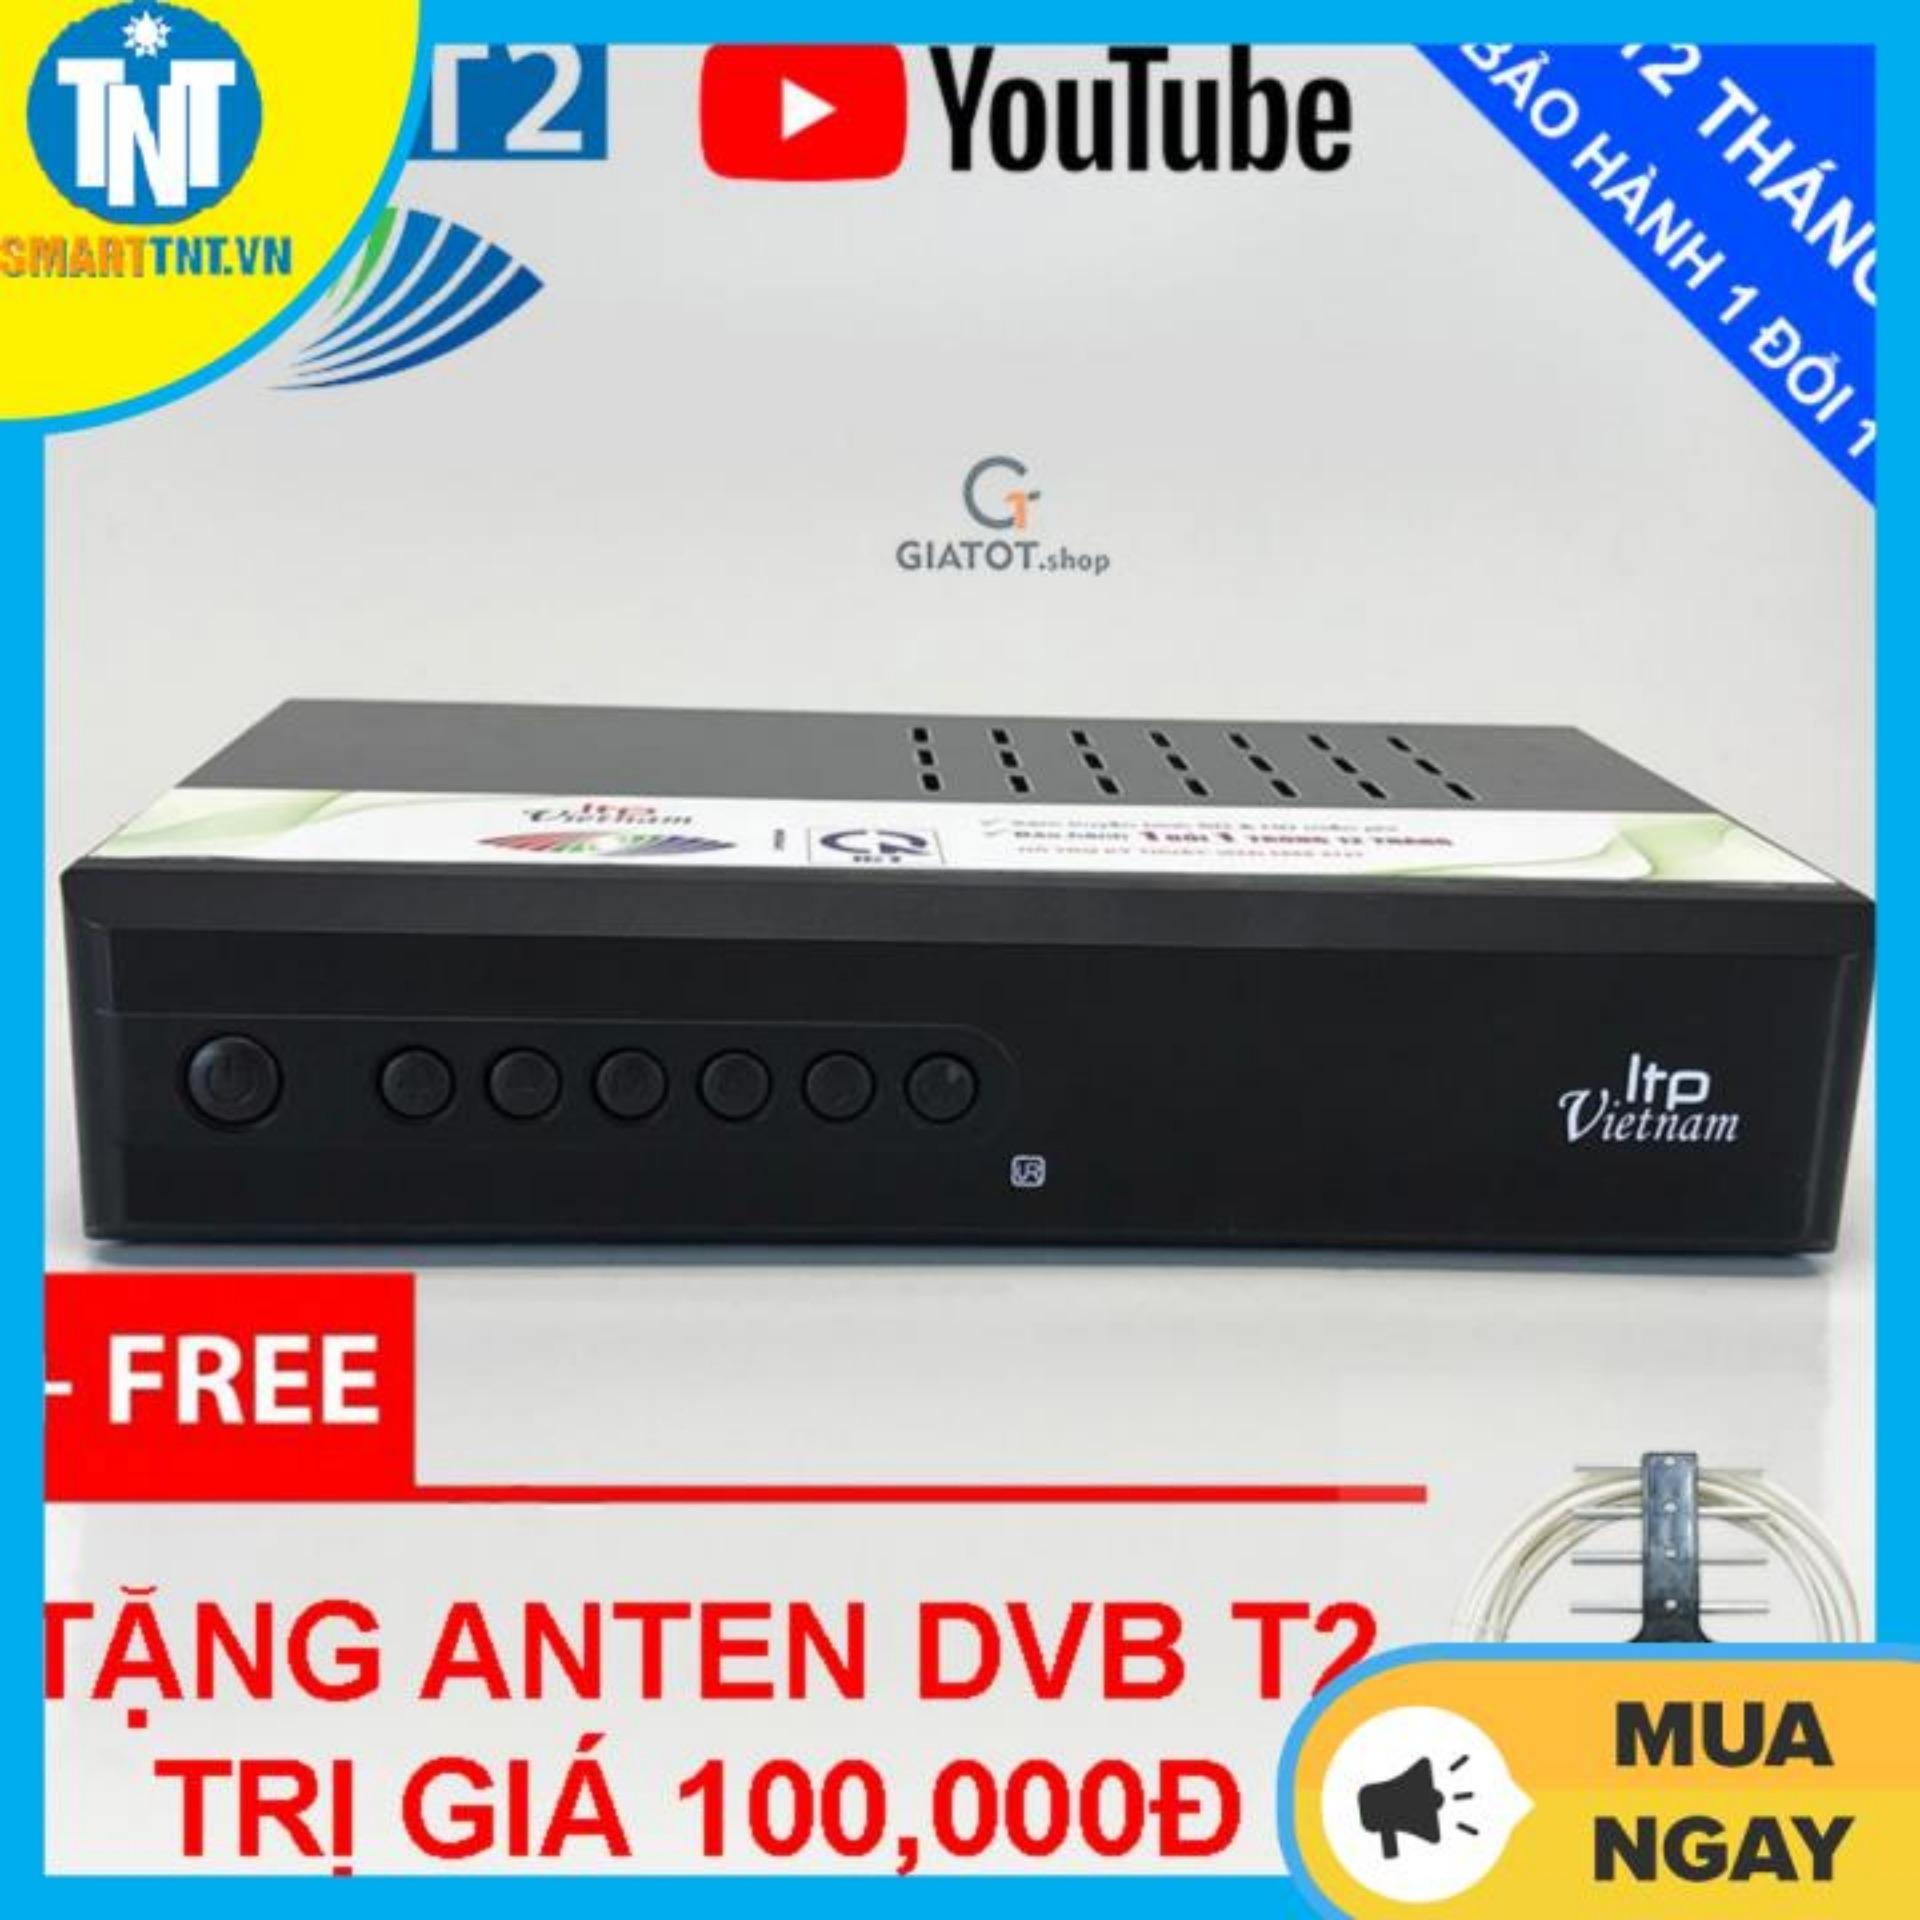 Đầu thu kỹ thuật số DVB T2 LTP STB-1406 tặng Anten DVB T2